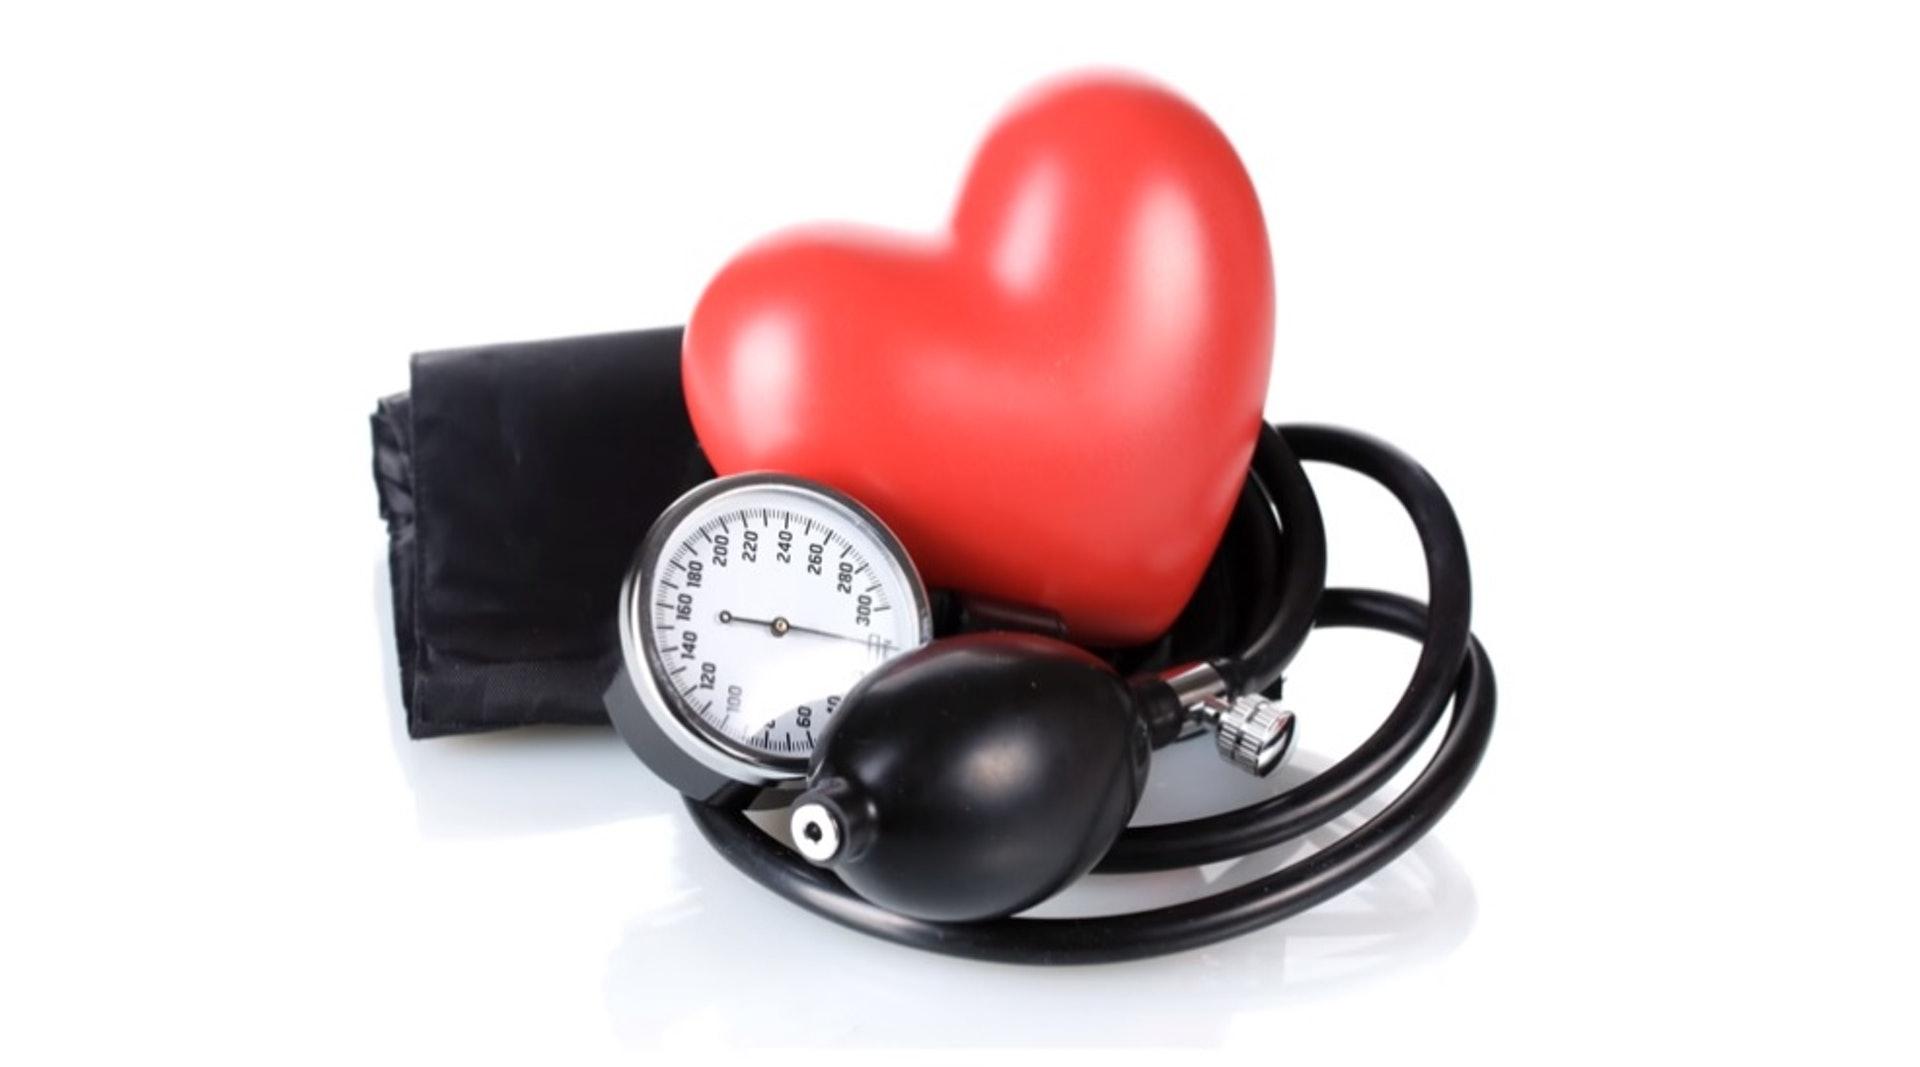 為了促進銷量,李約翰將藥量加重了14倍,服用者有可能會出現血壓下降等情況。(網絡圖片)